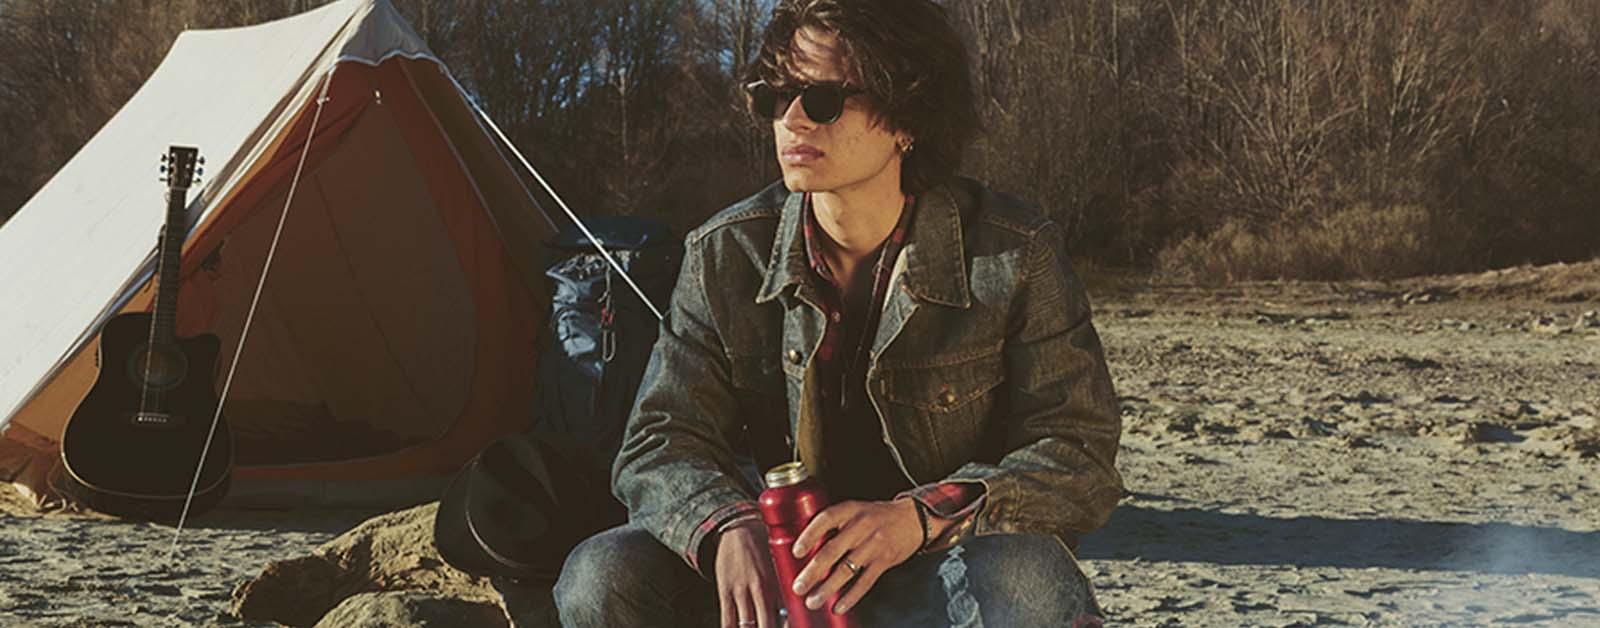 Ci vorresti tu è il nuovo singolo del giovane cantautore abruzzese Blowy